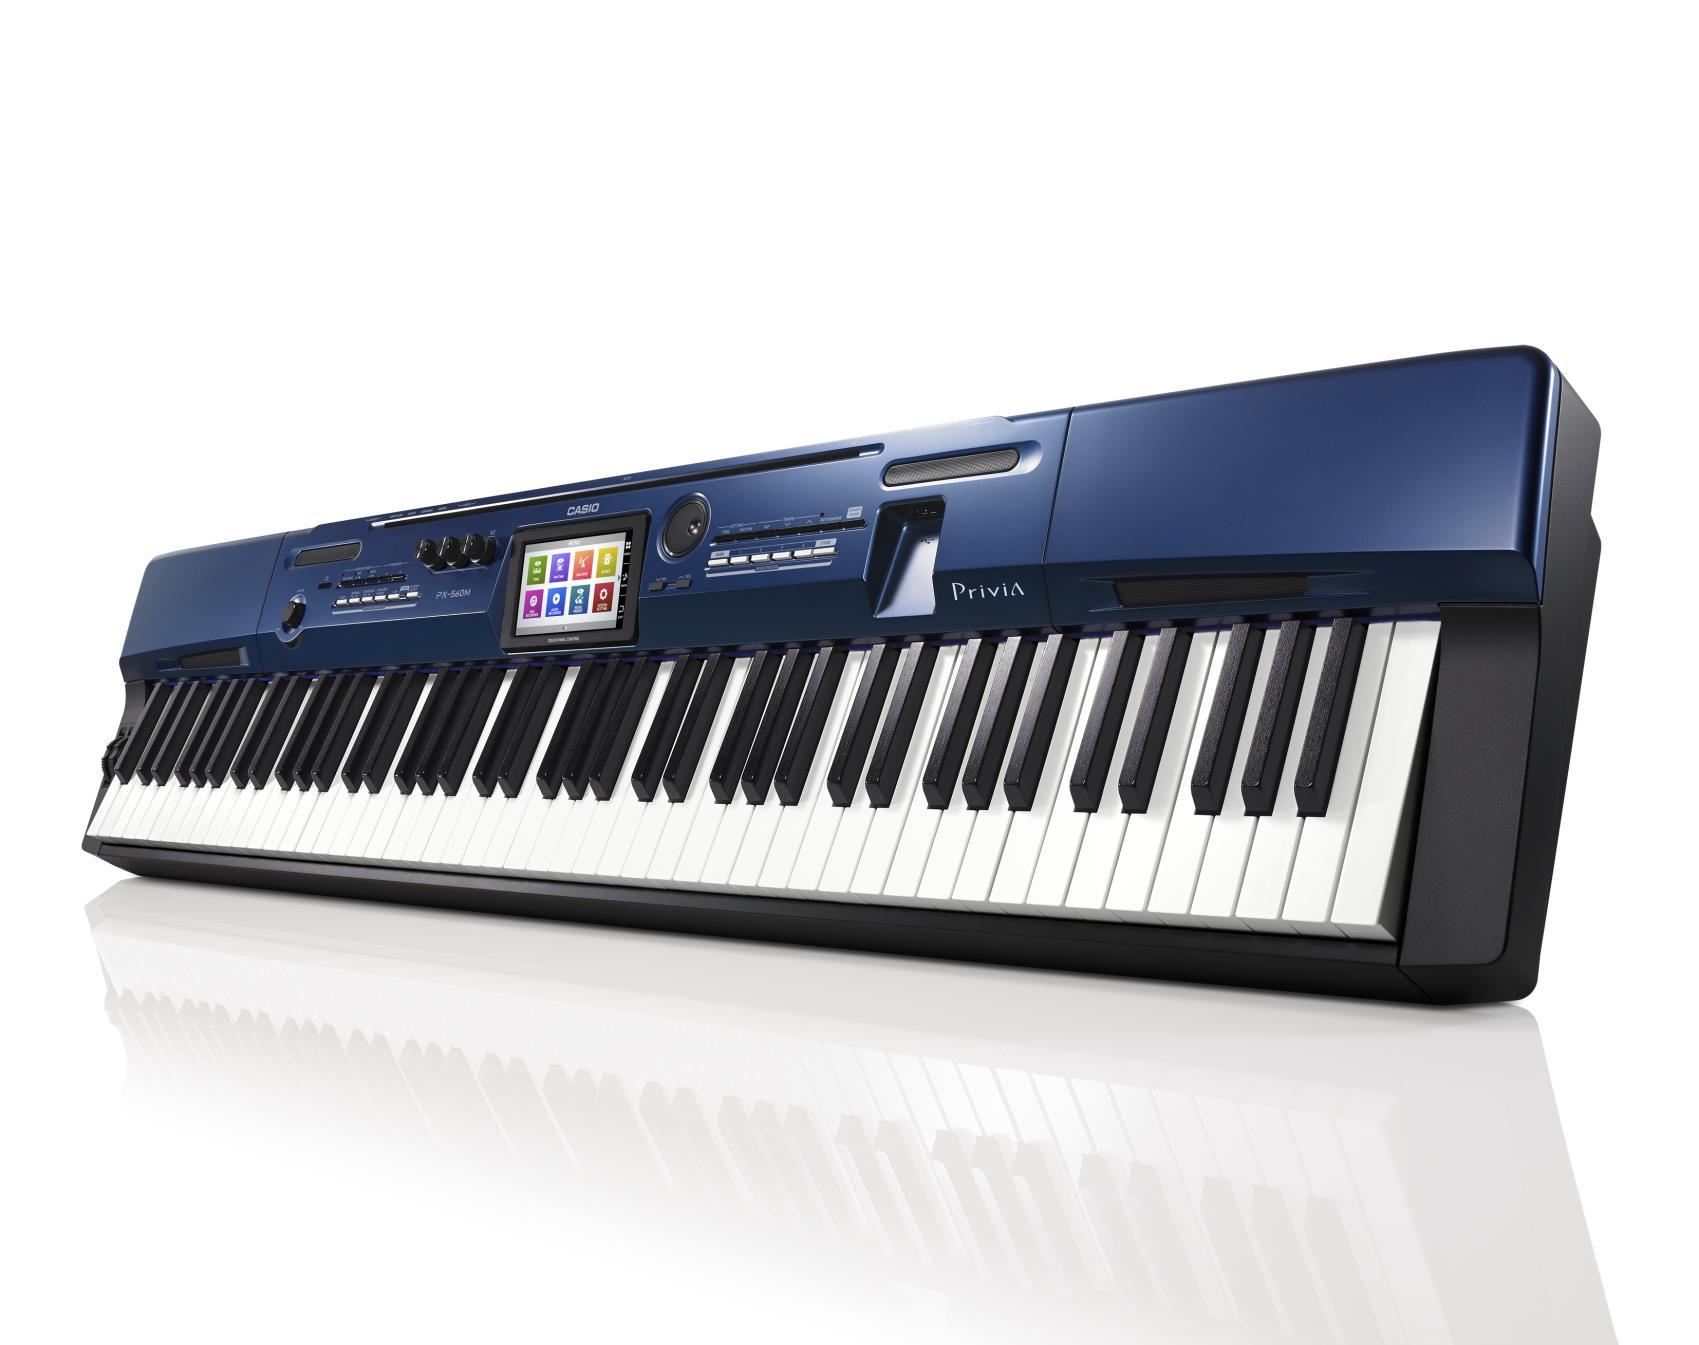 Đàn Piano Casio PX-560M mô phỏng một cách tự nhiên sức biểu cảm phong phú và sự cộng hưởng chưa từng có của một cây acoustic piano.